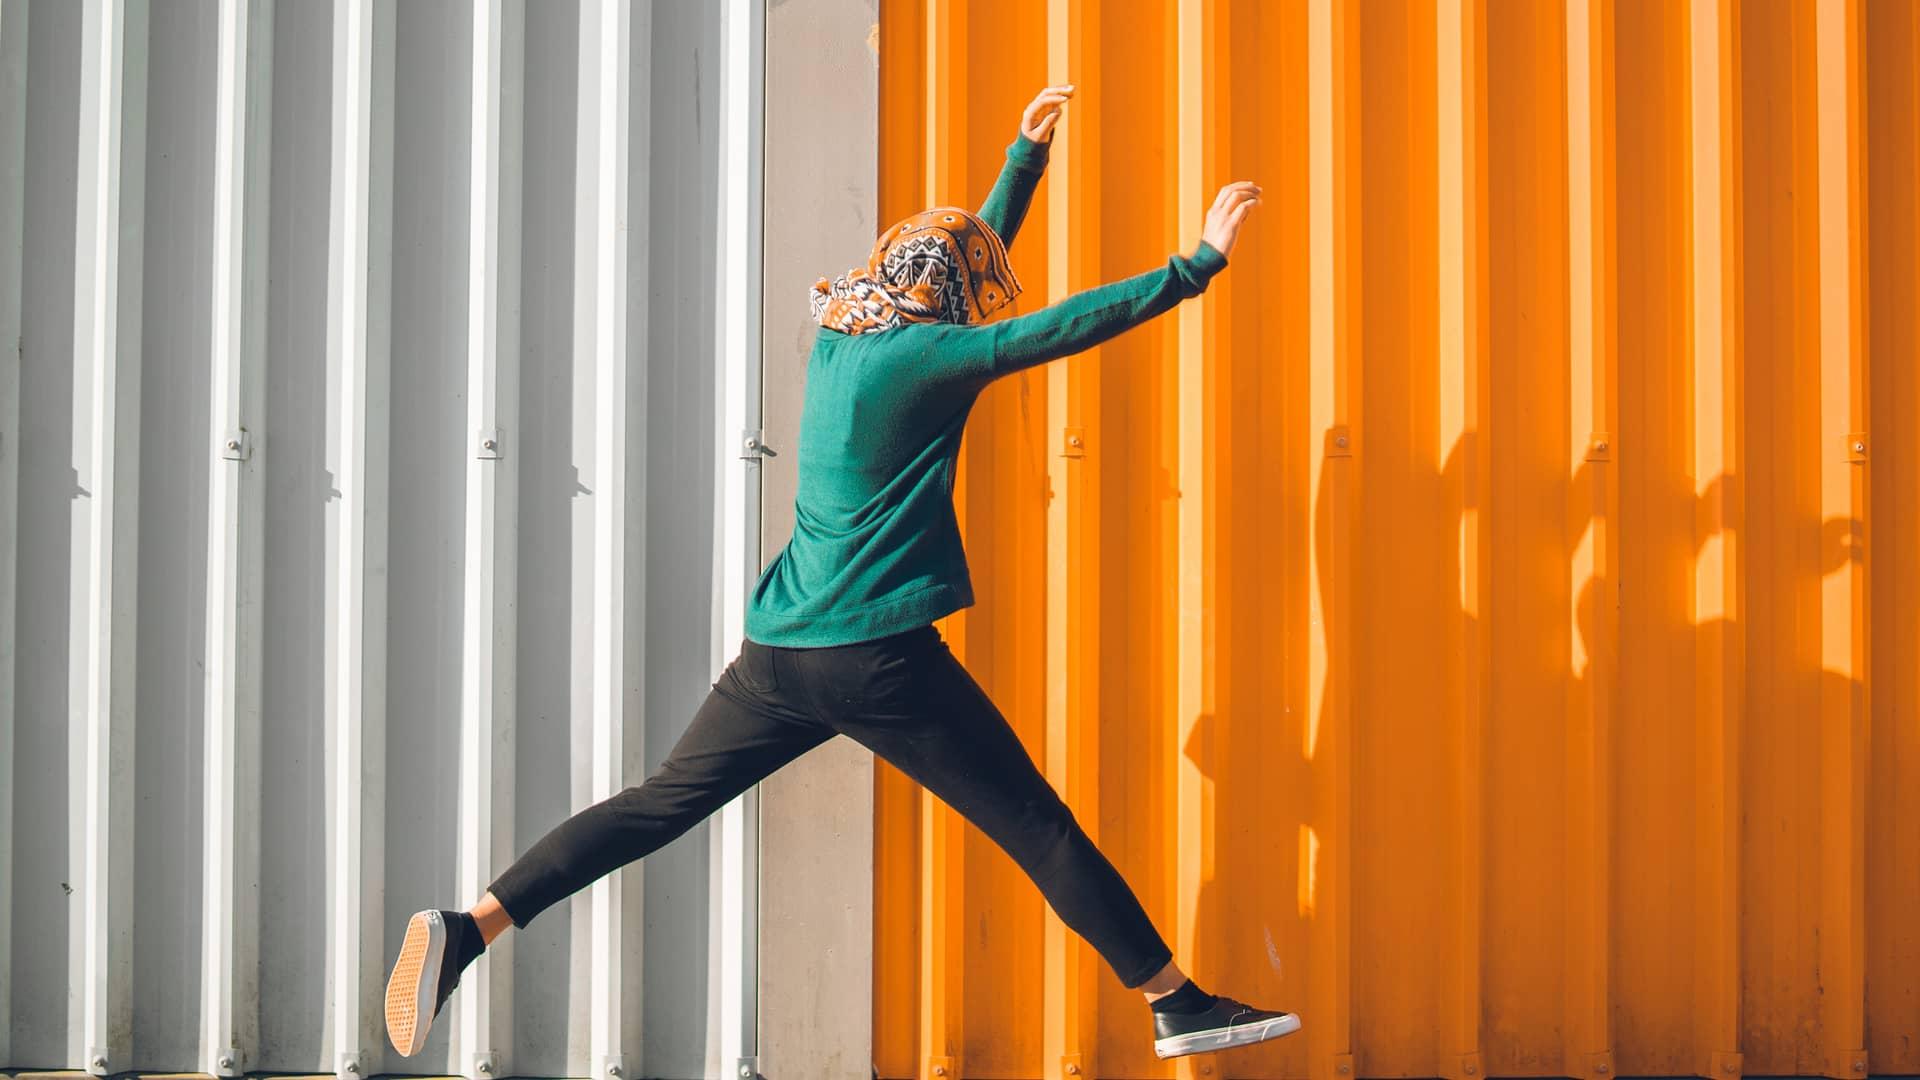 Mujer saltando simboliza la portabilidad de orange